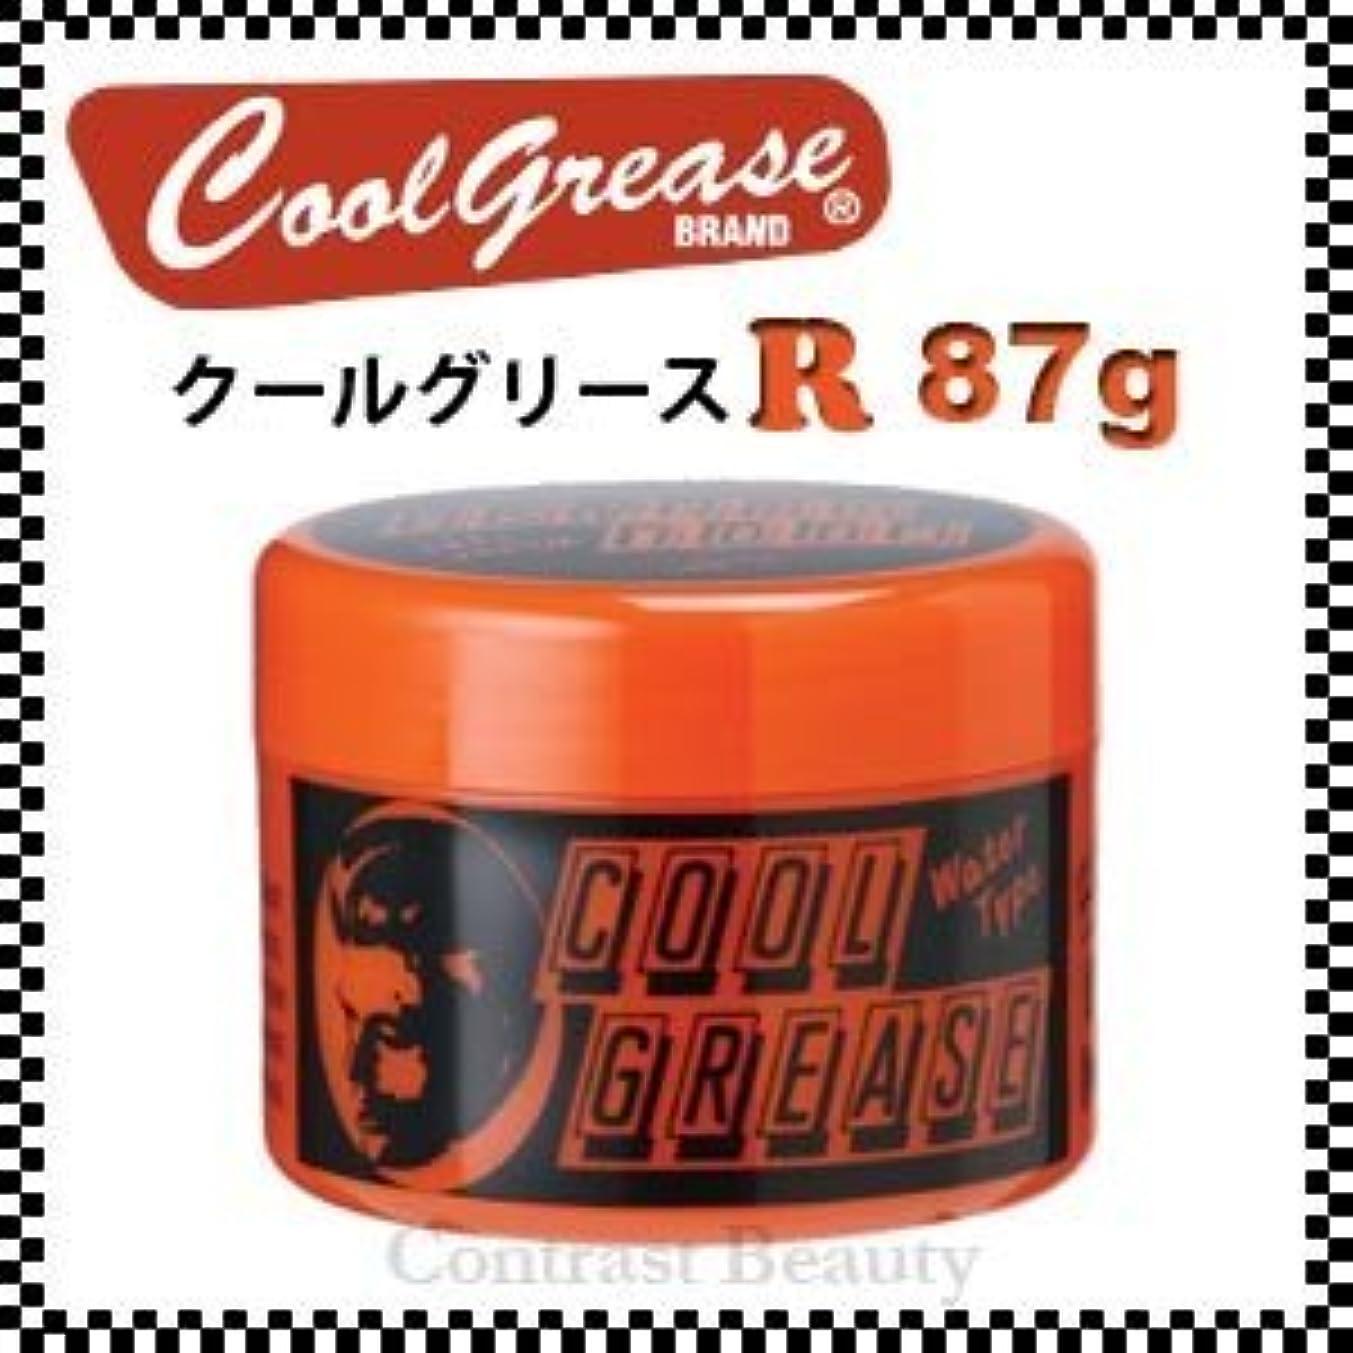 マネージャーマスク手綱阪本高生堂 クールグリース R 87g